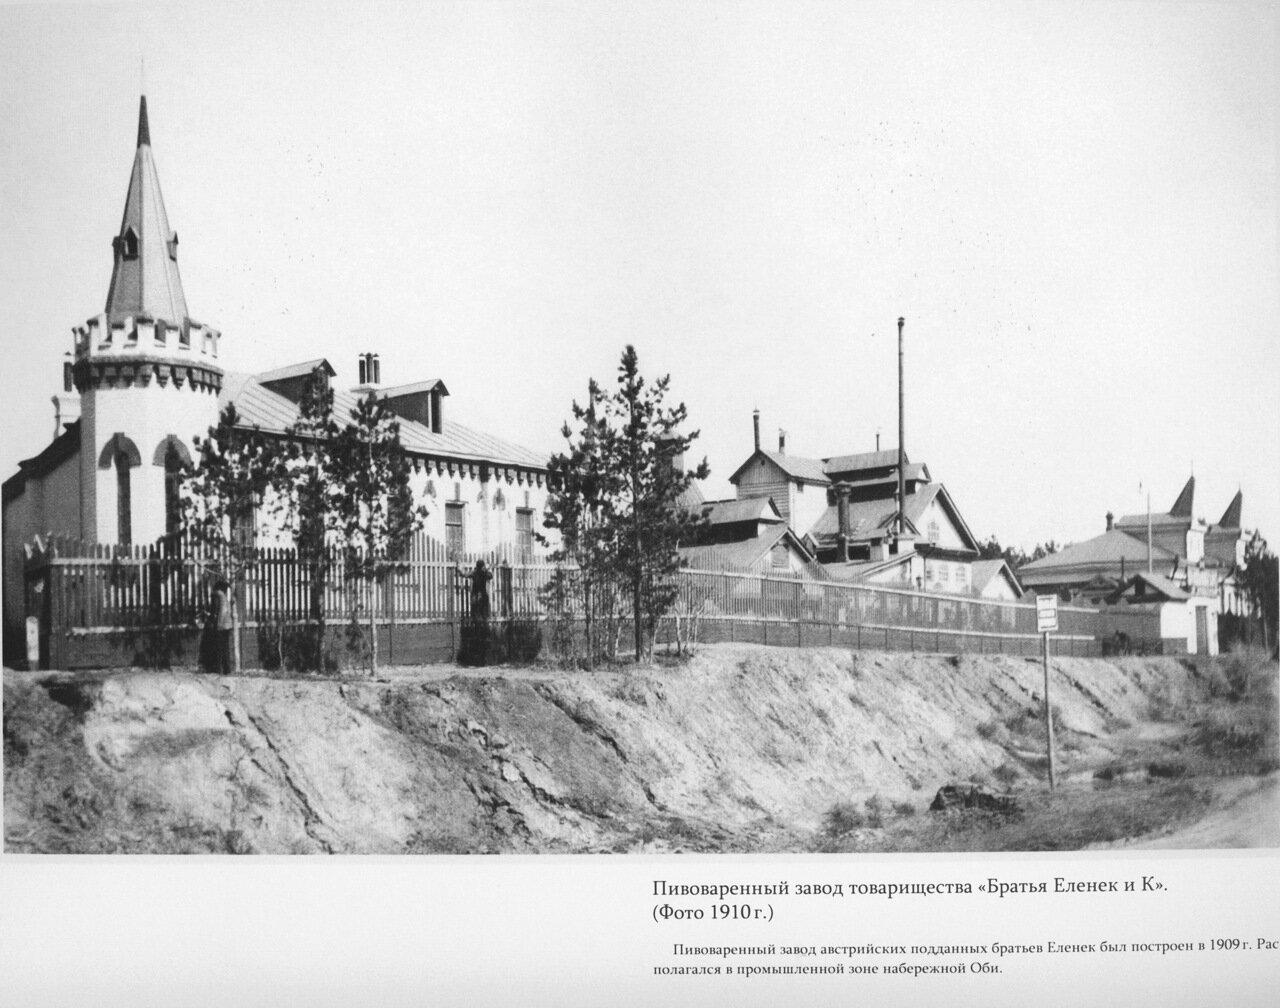 Пивзавод товарищества братьев Еленек и компания, 1910-е годы